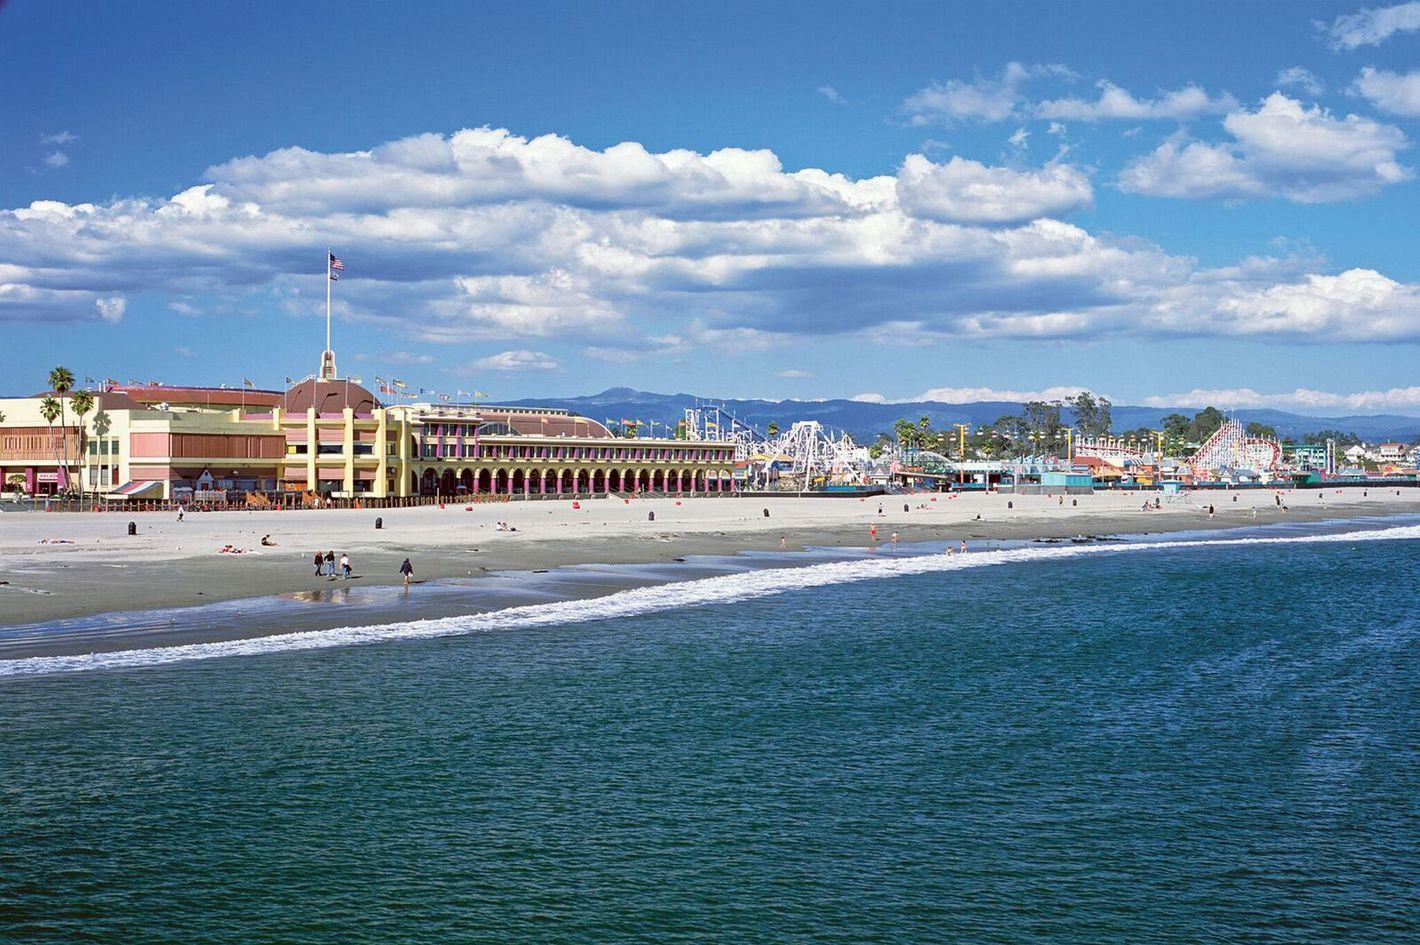 afc6e298ac Weekend Escape to Santa Cruz